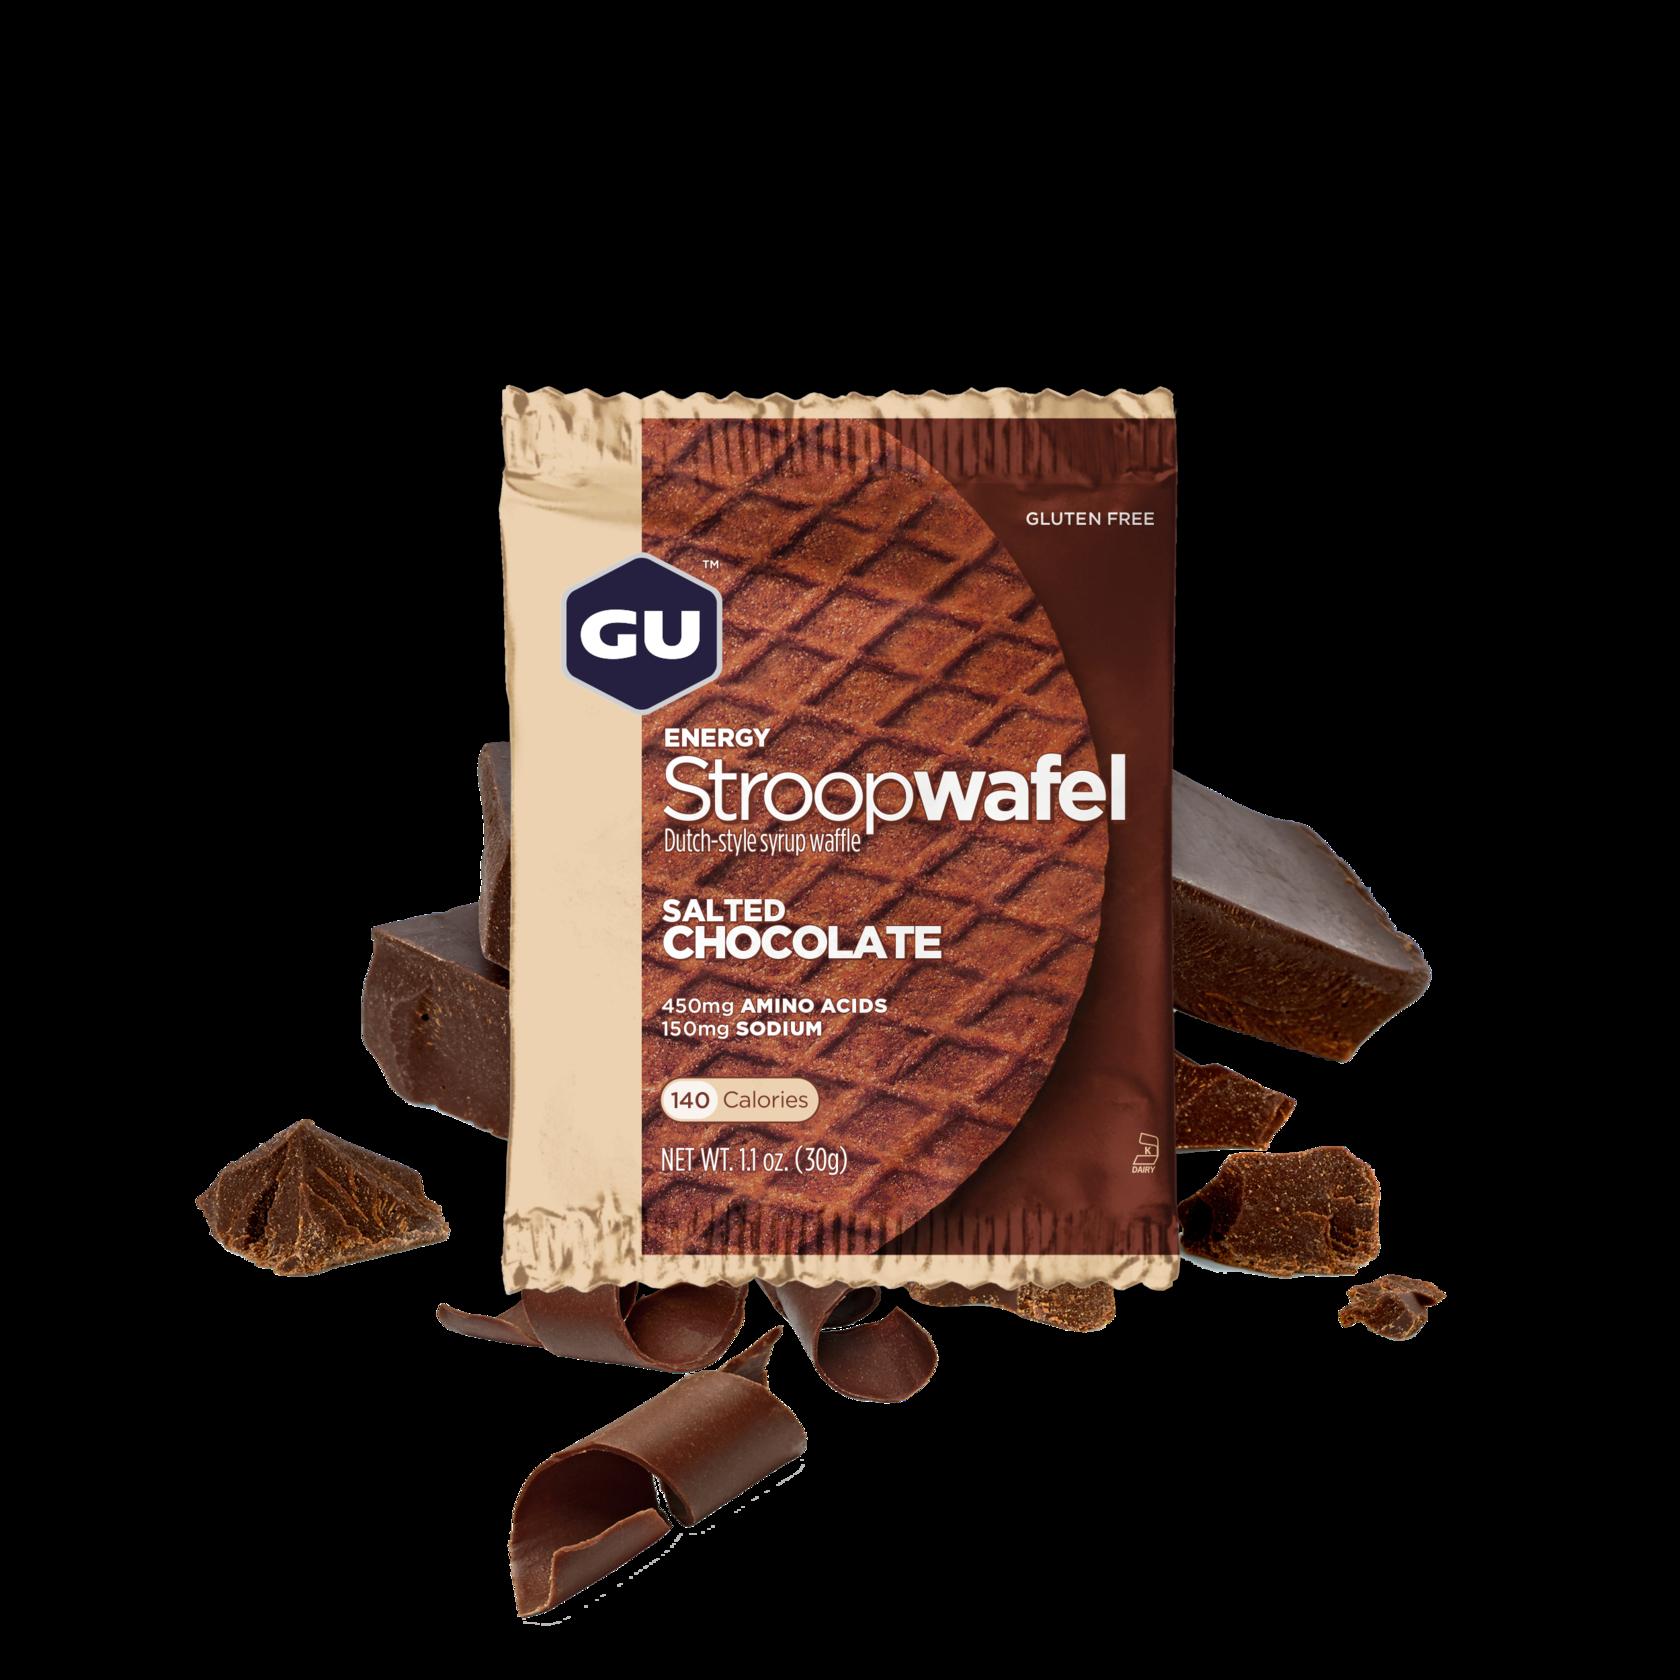 спортивное питание gu energy stroopwafel